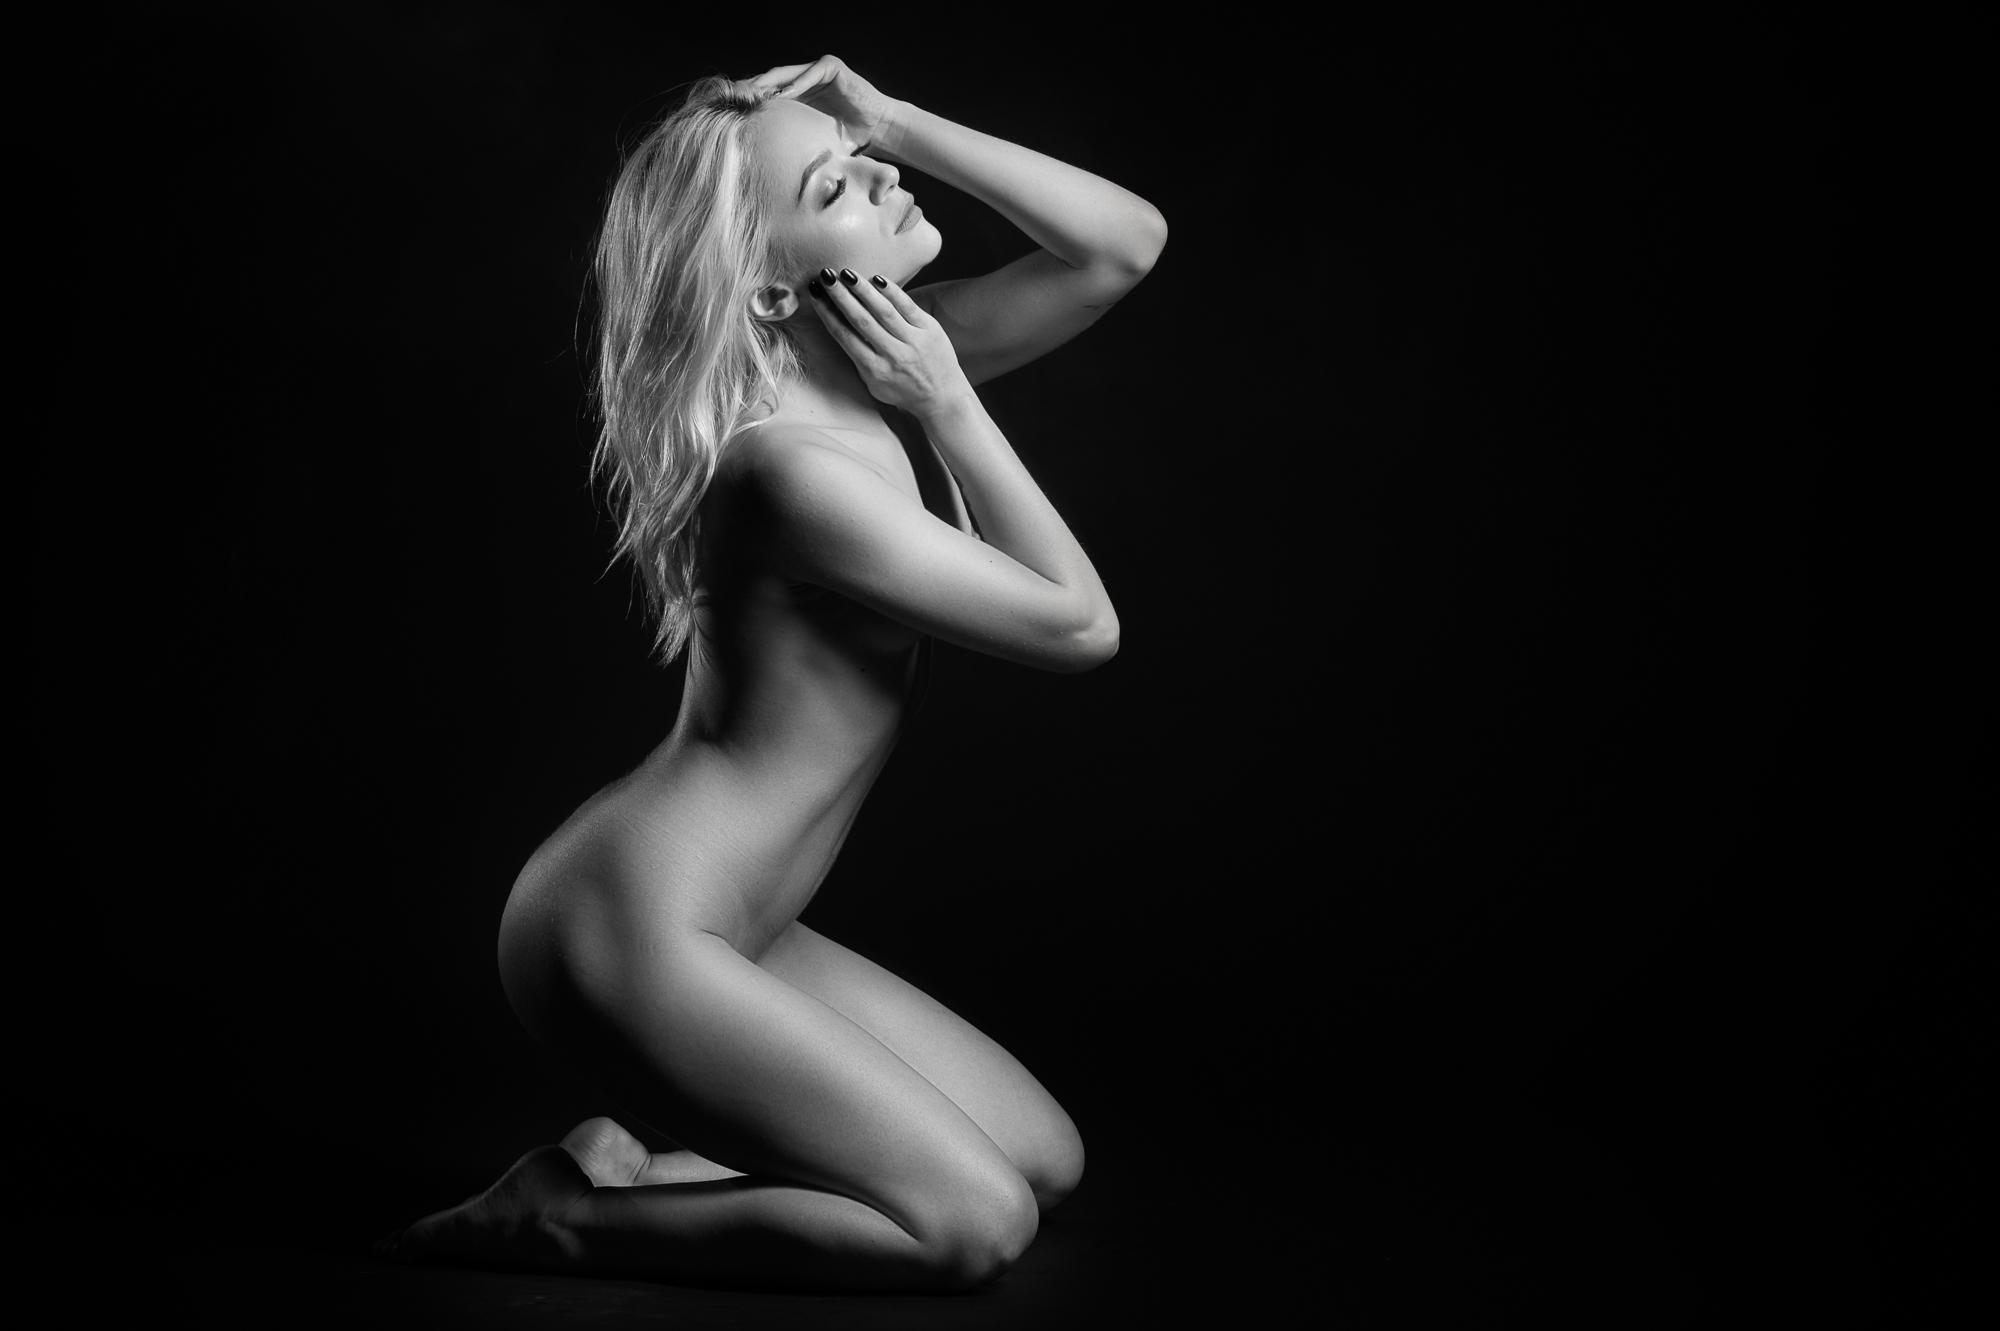 fotograf nud constanta (4)